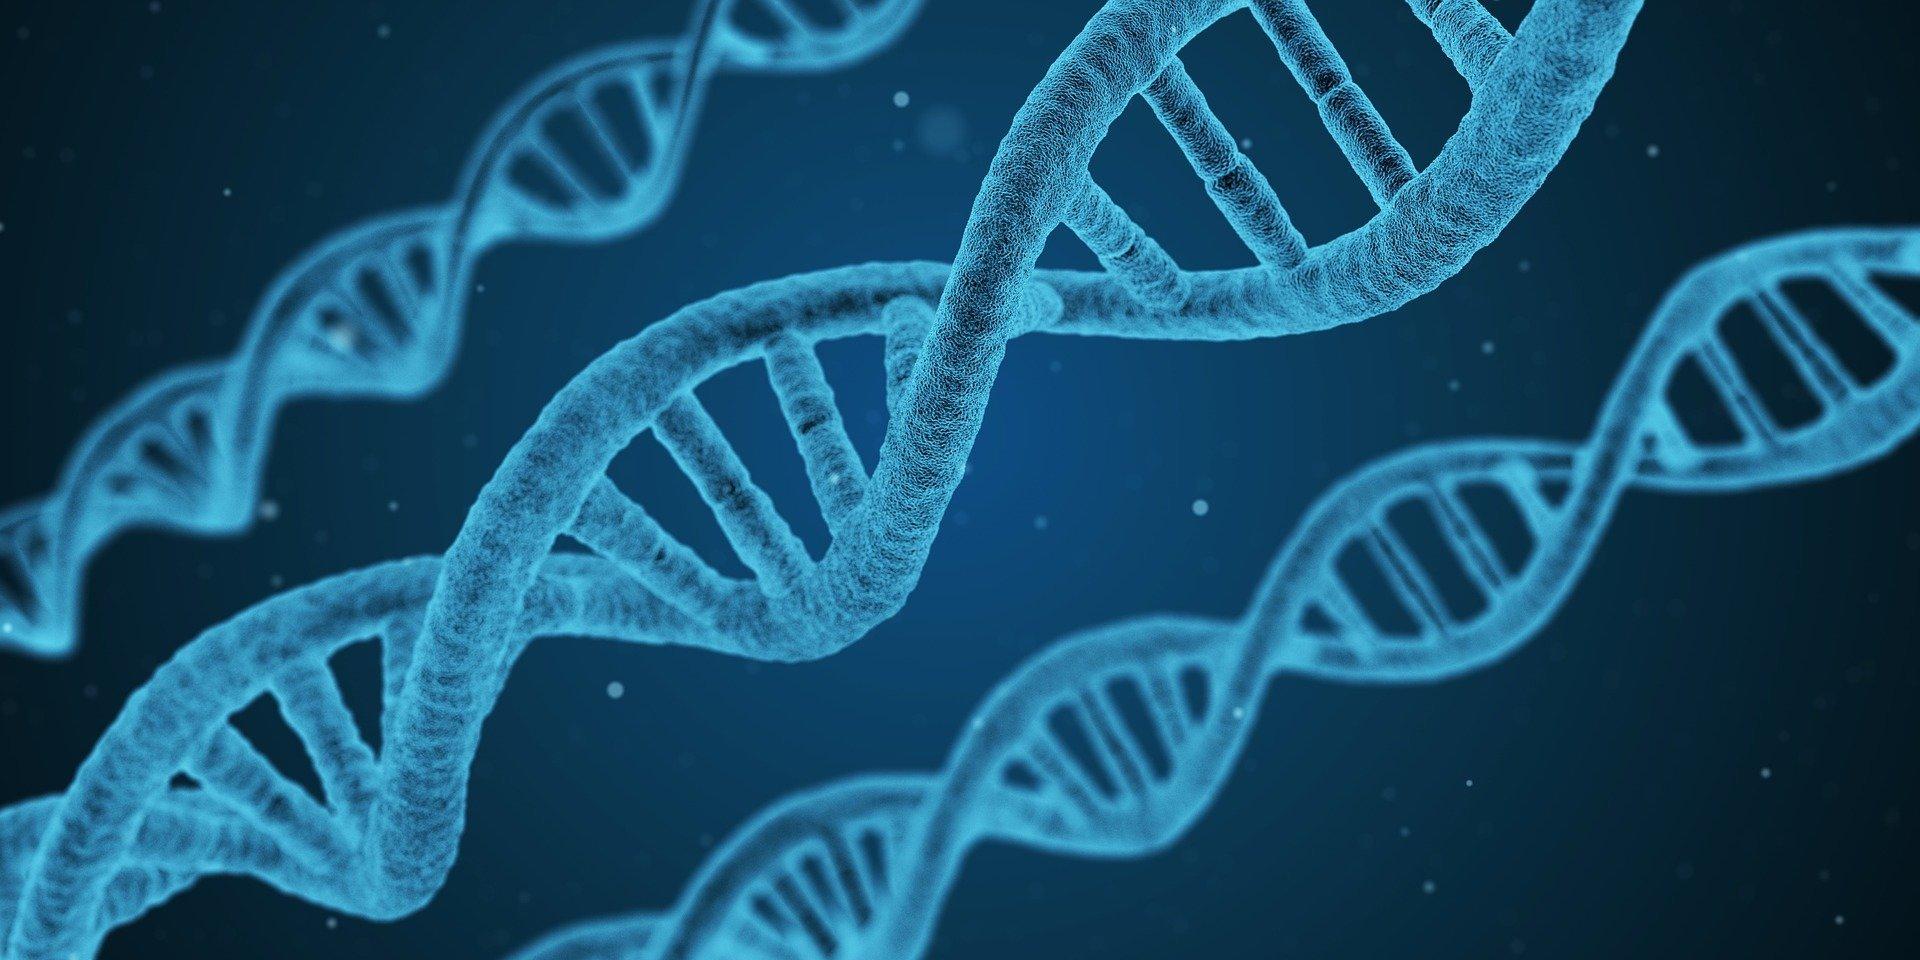 Продолжительность жизни человека зависит от изменений в ДНК